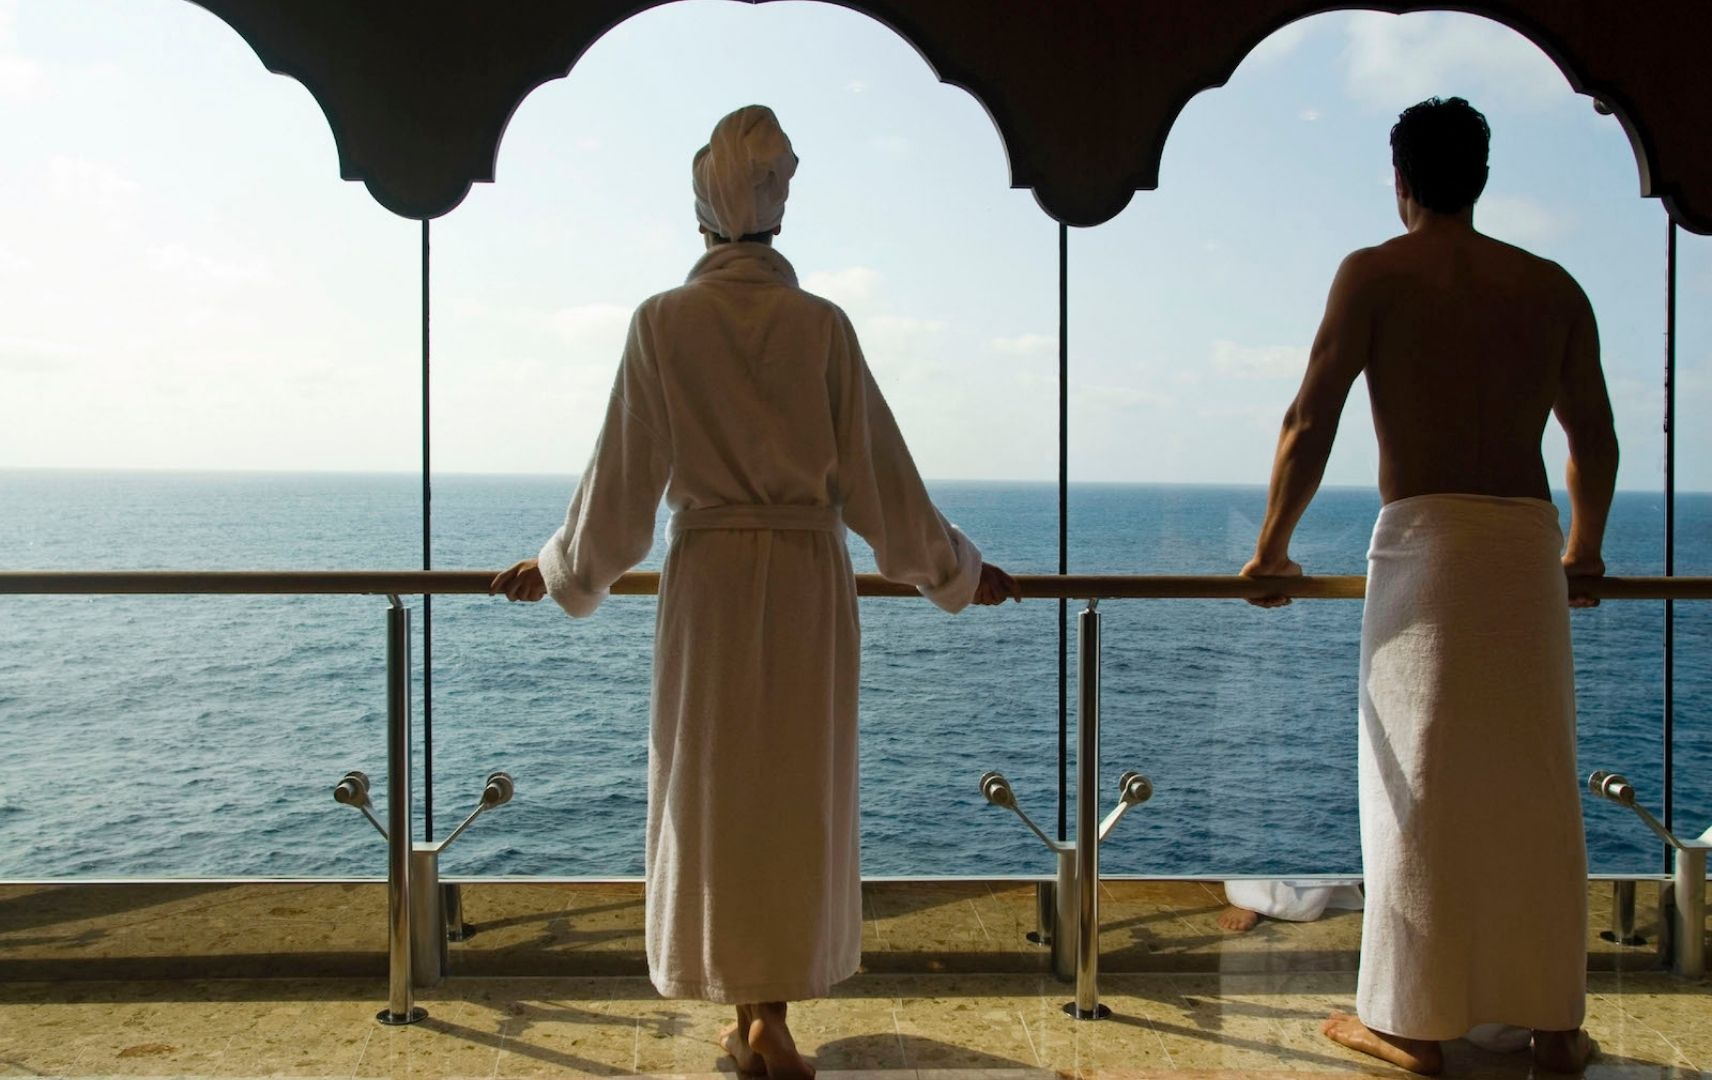 Mann und Frau mit Bademänteln schauen auf das Meer